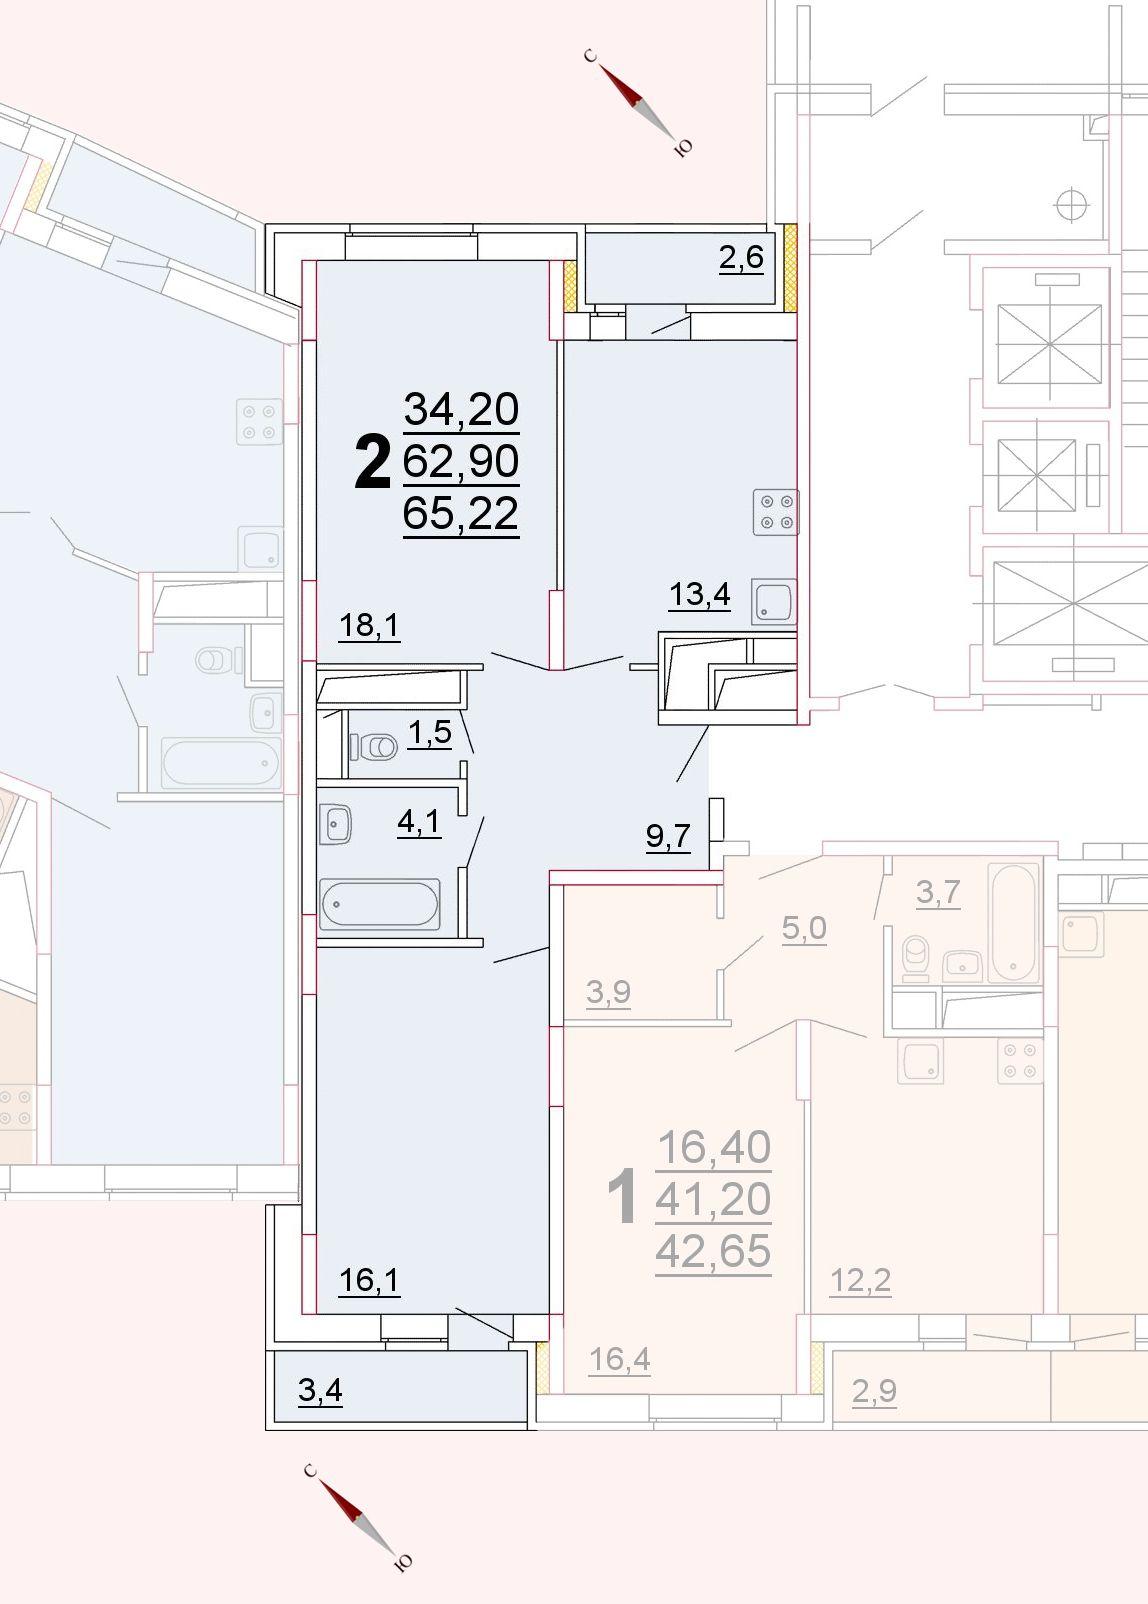 Микрорайон «Центральный», корпус 52г, секция 2, квартира 65,22 м2